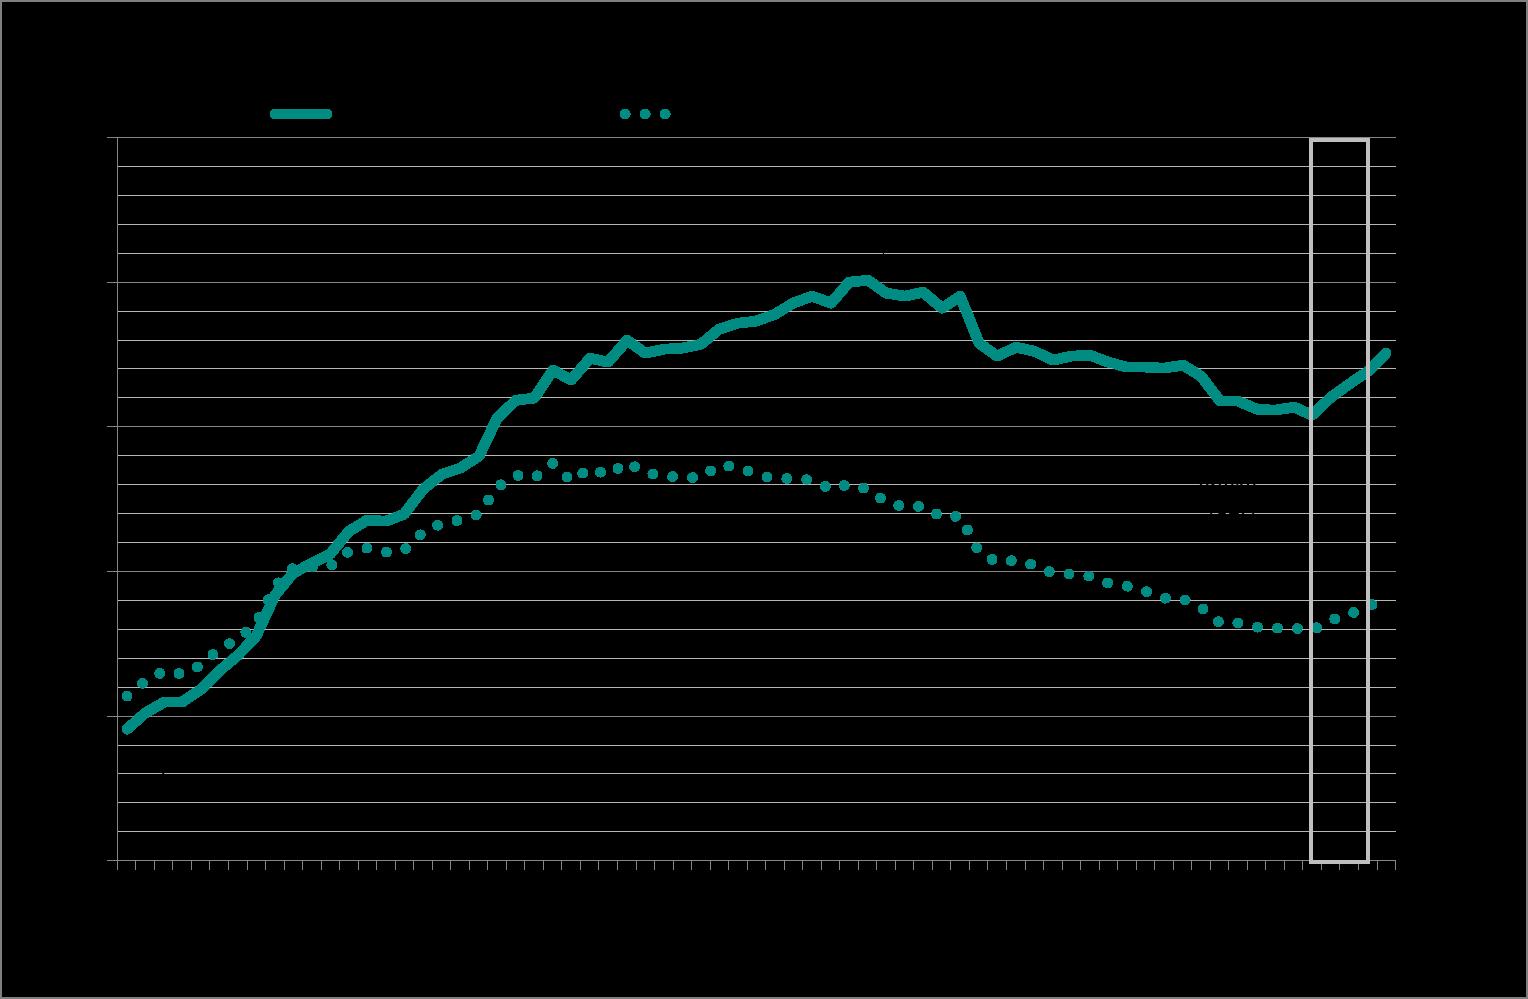 fhb index